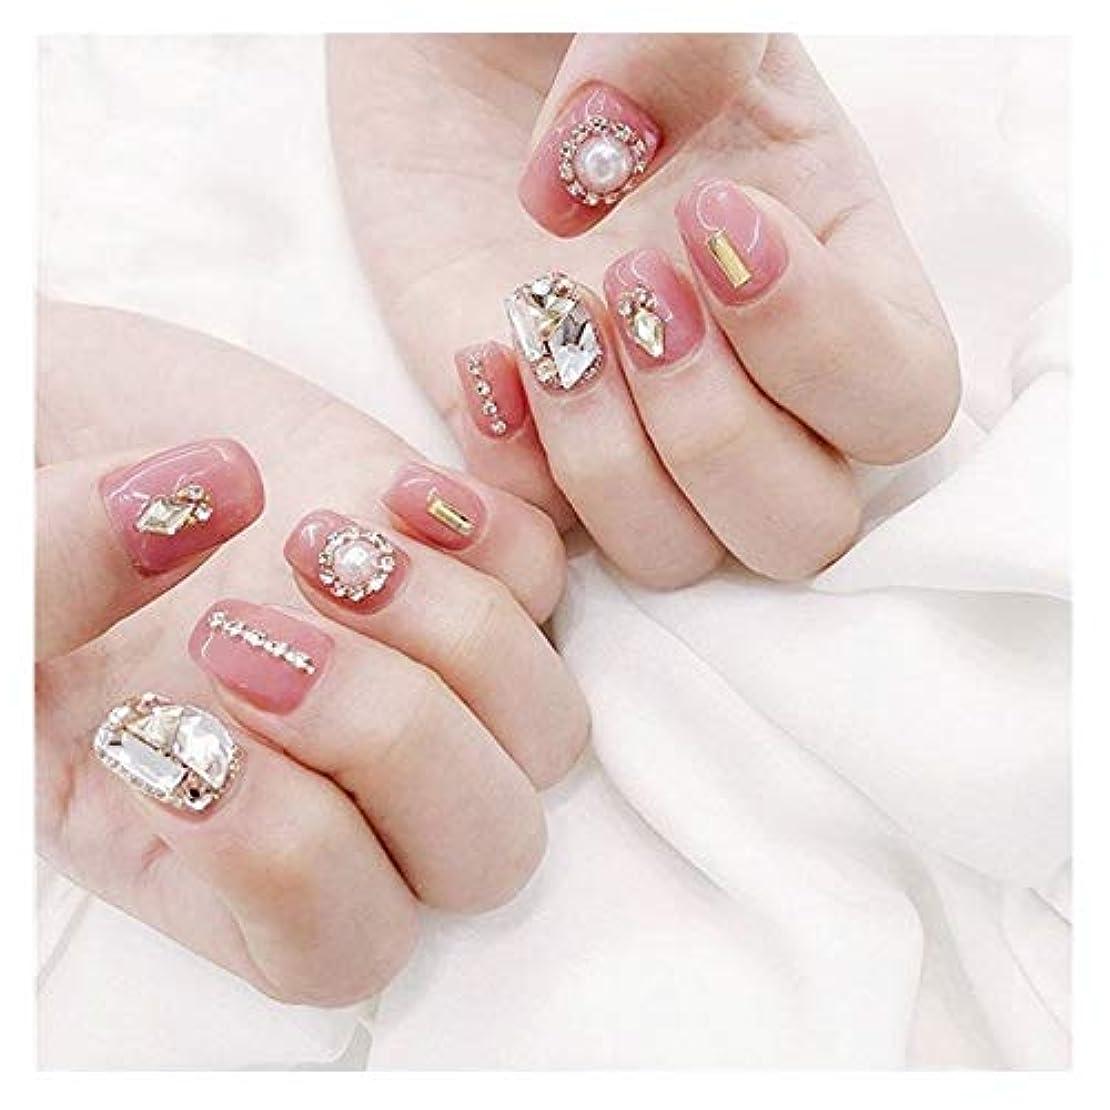 センチメンタル無視するトランクYESONEEP ダイヤモンドのり偽の爪ピンクのかわいい花嫁フォトスタジオ完成ネイル偽の釘 (色 : 24 pieces)